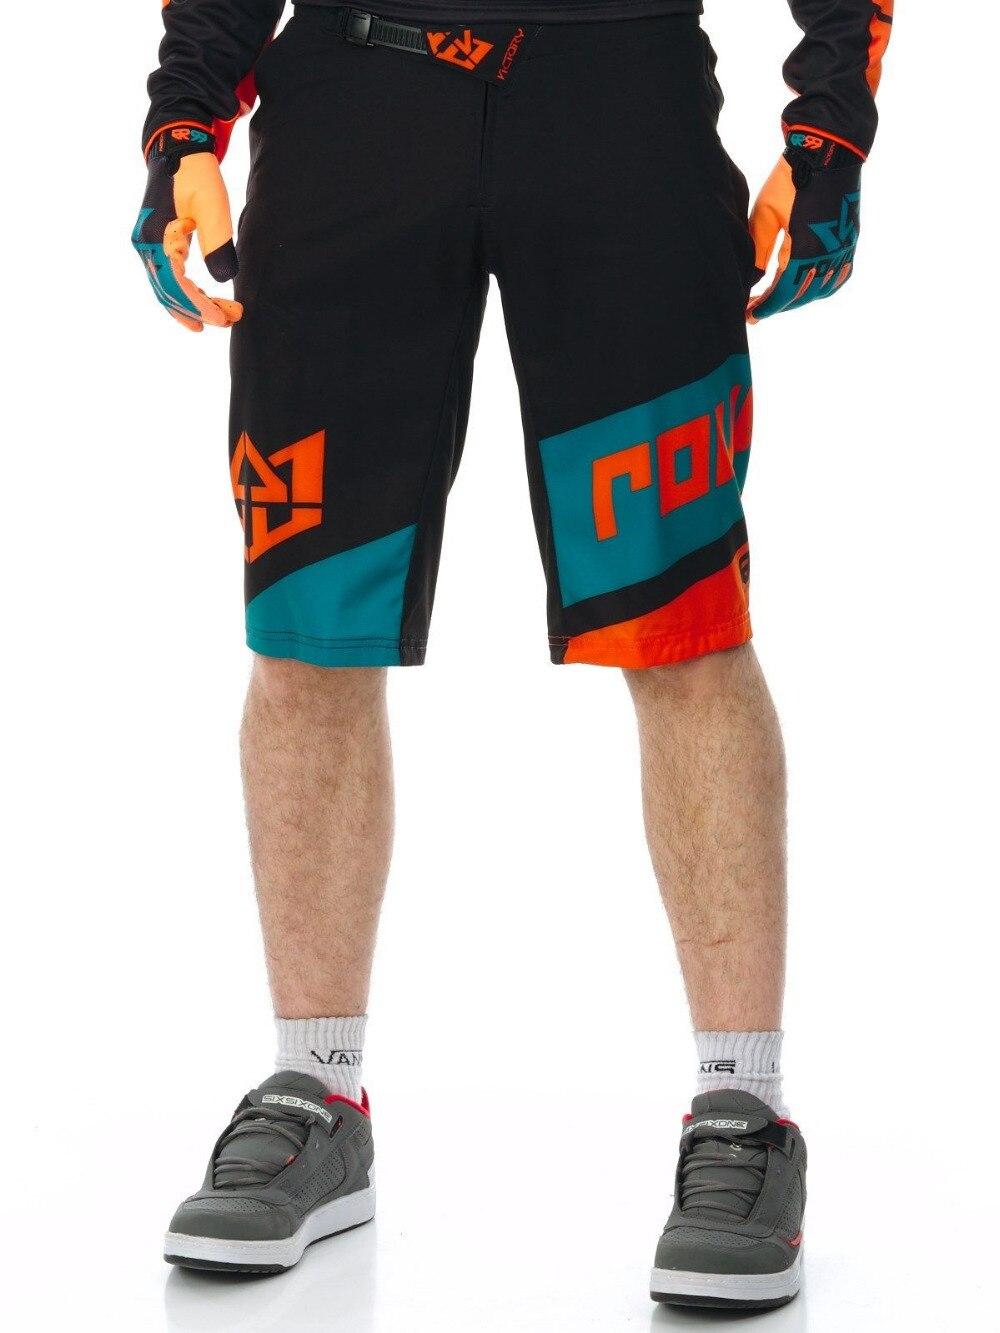 Nouveau short vtt homme DH Enduro MX Motocross Dirt Bike tout-terrain course moto locomotive Shorts été pantalon à séchage rapide